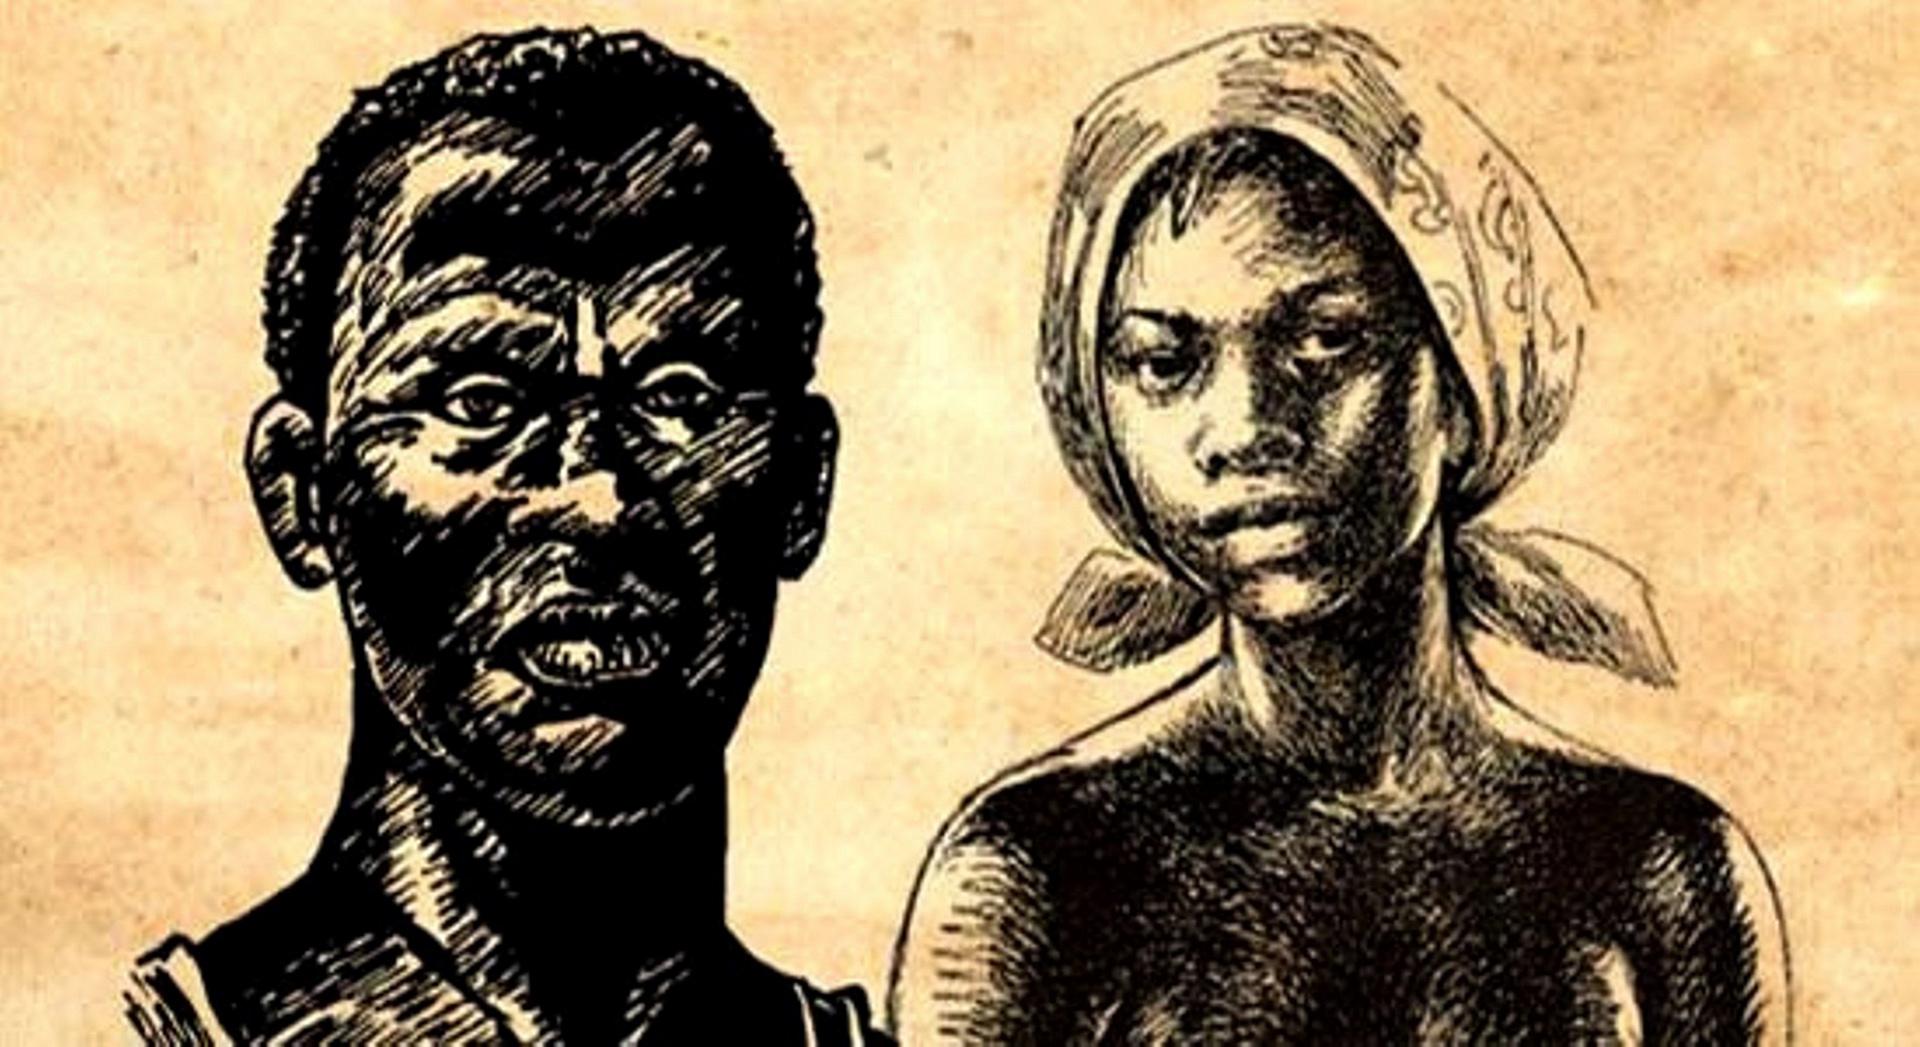 Zumbi e Dandara. Ilustração: reprodução